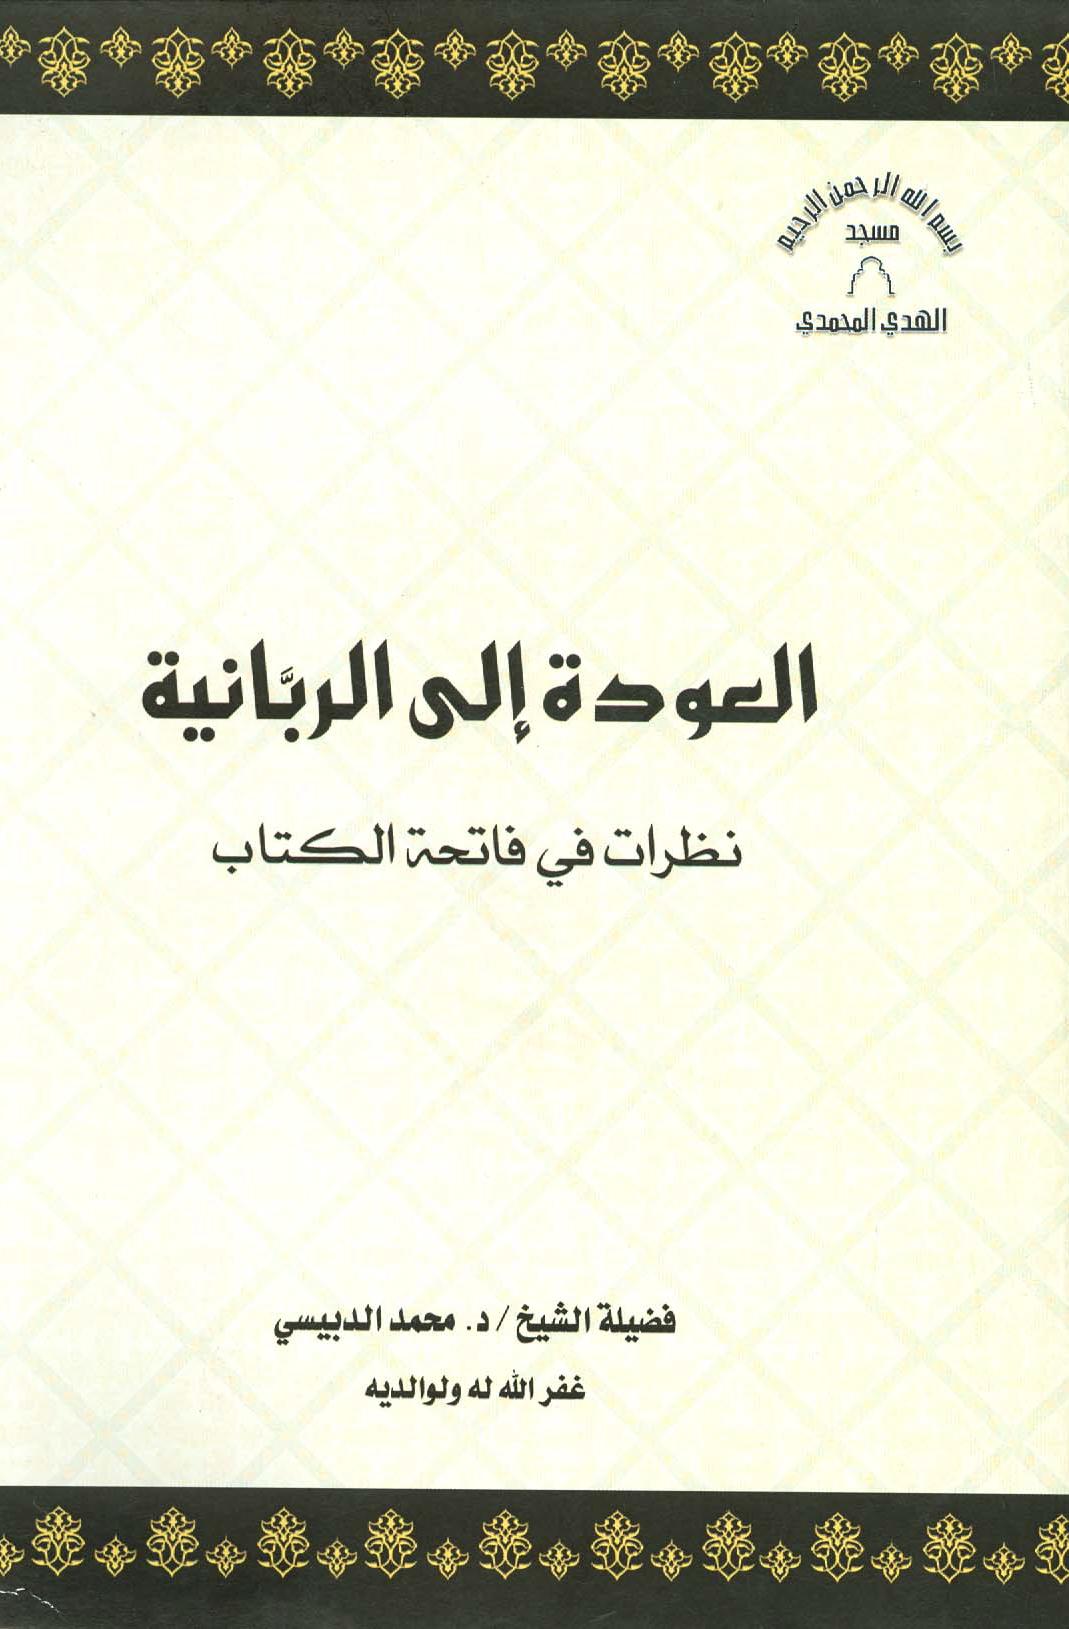 تحميل كتاب العودة إلى الربانية: نظرات في فاتحة الكتاب لـِ: الدكتور محمد مصطفى عبد السلام الدبيسي